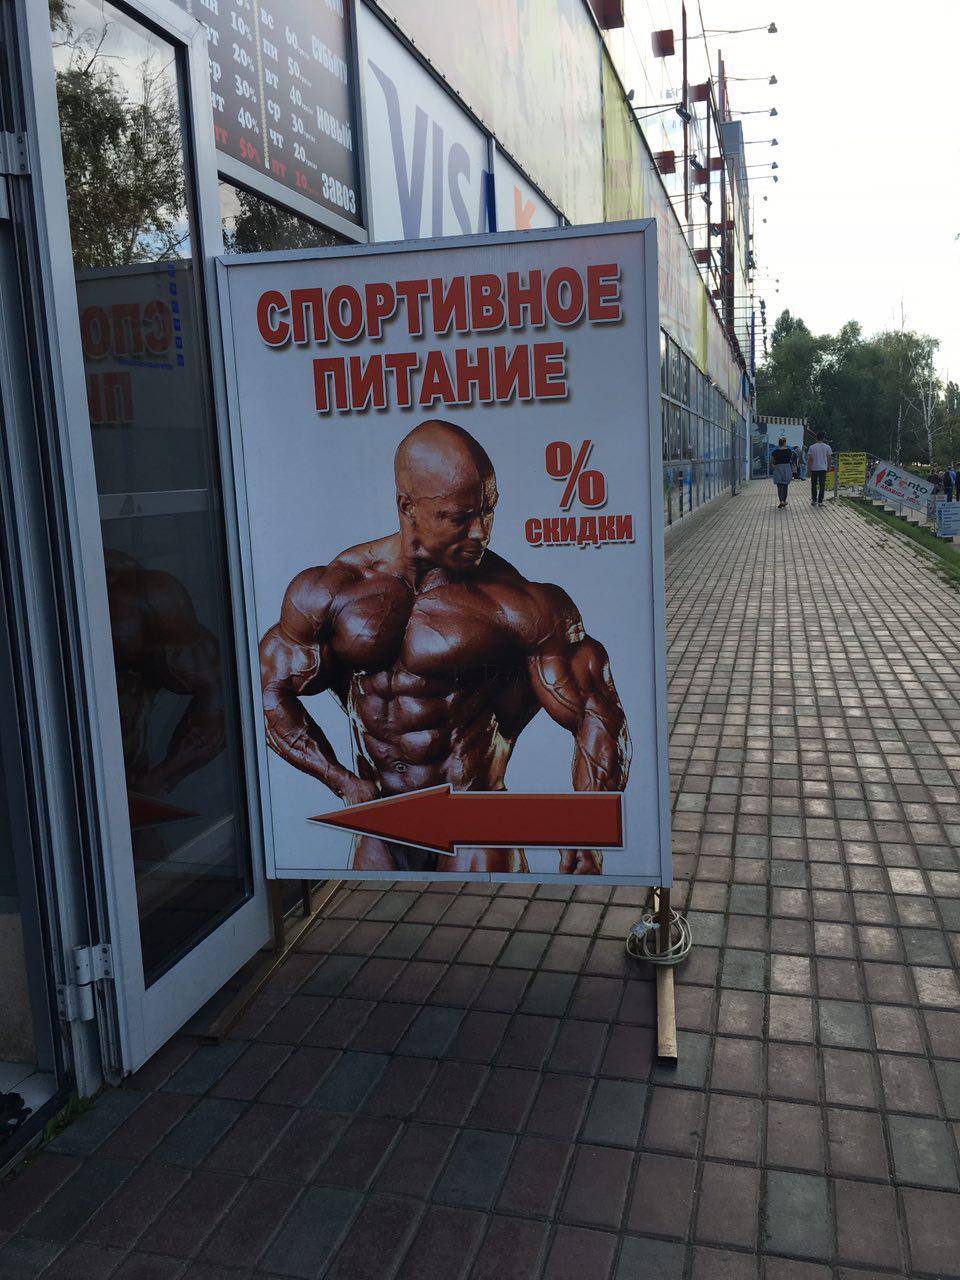 Sport-Factor спортивное питание на Героев труда